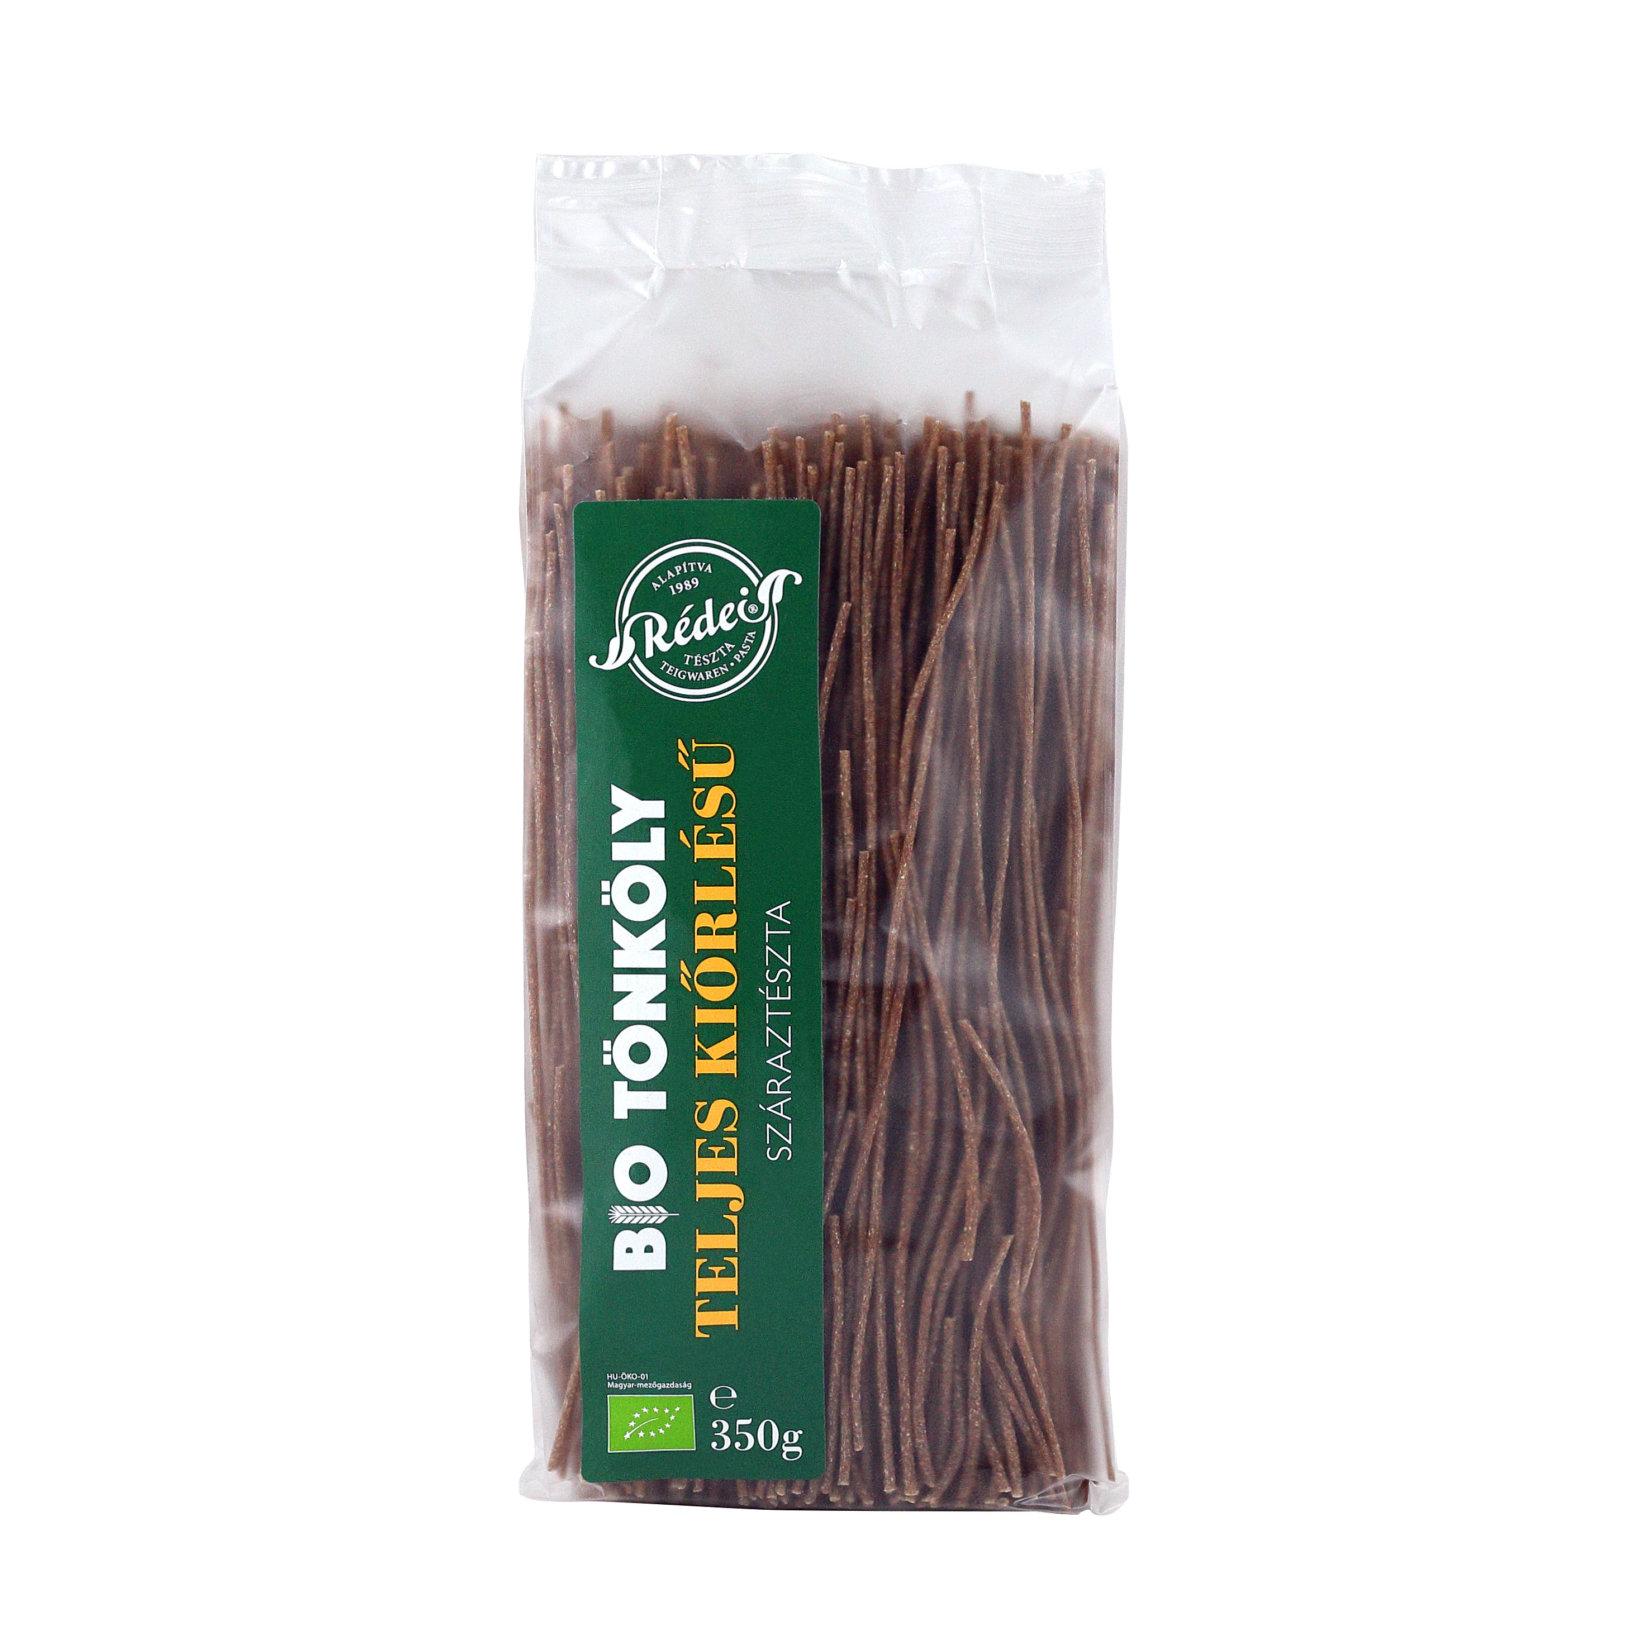 BioTonkoly_TK_spagetti_350g_IMG_7018